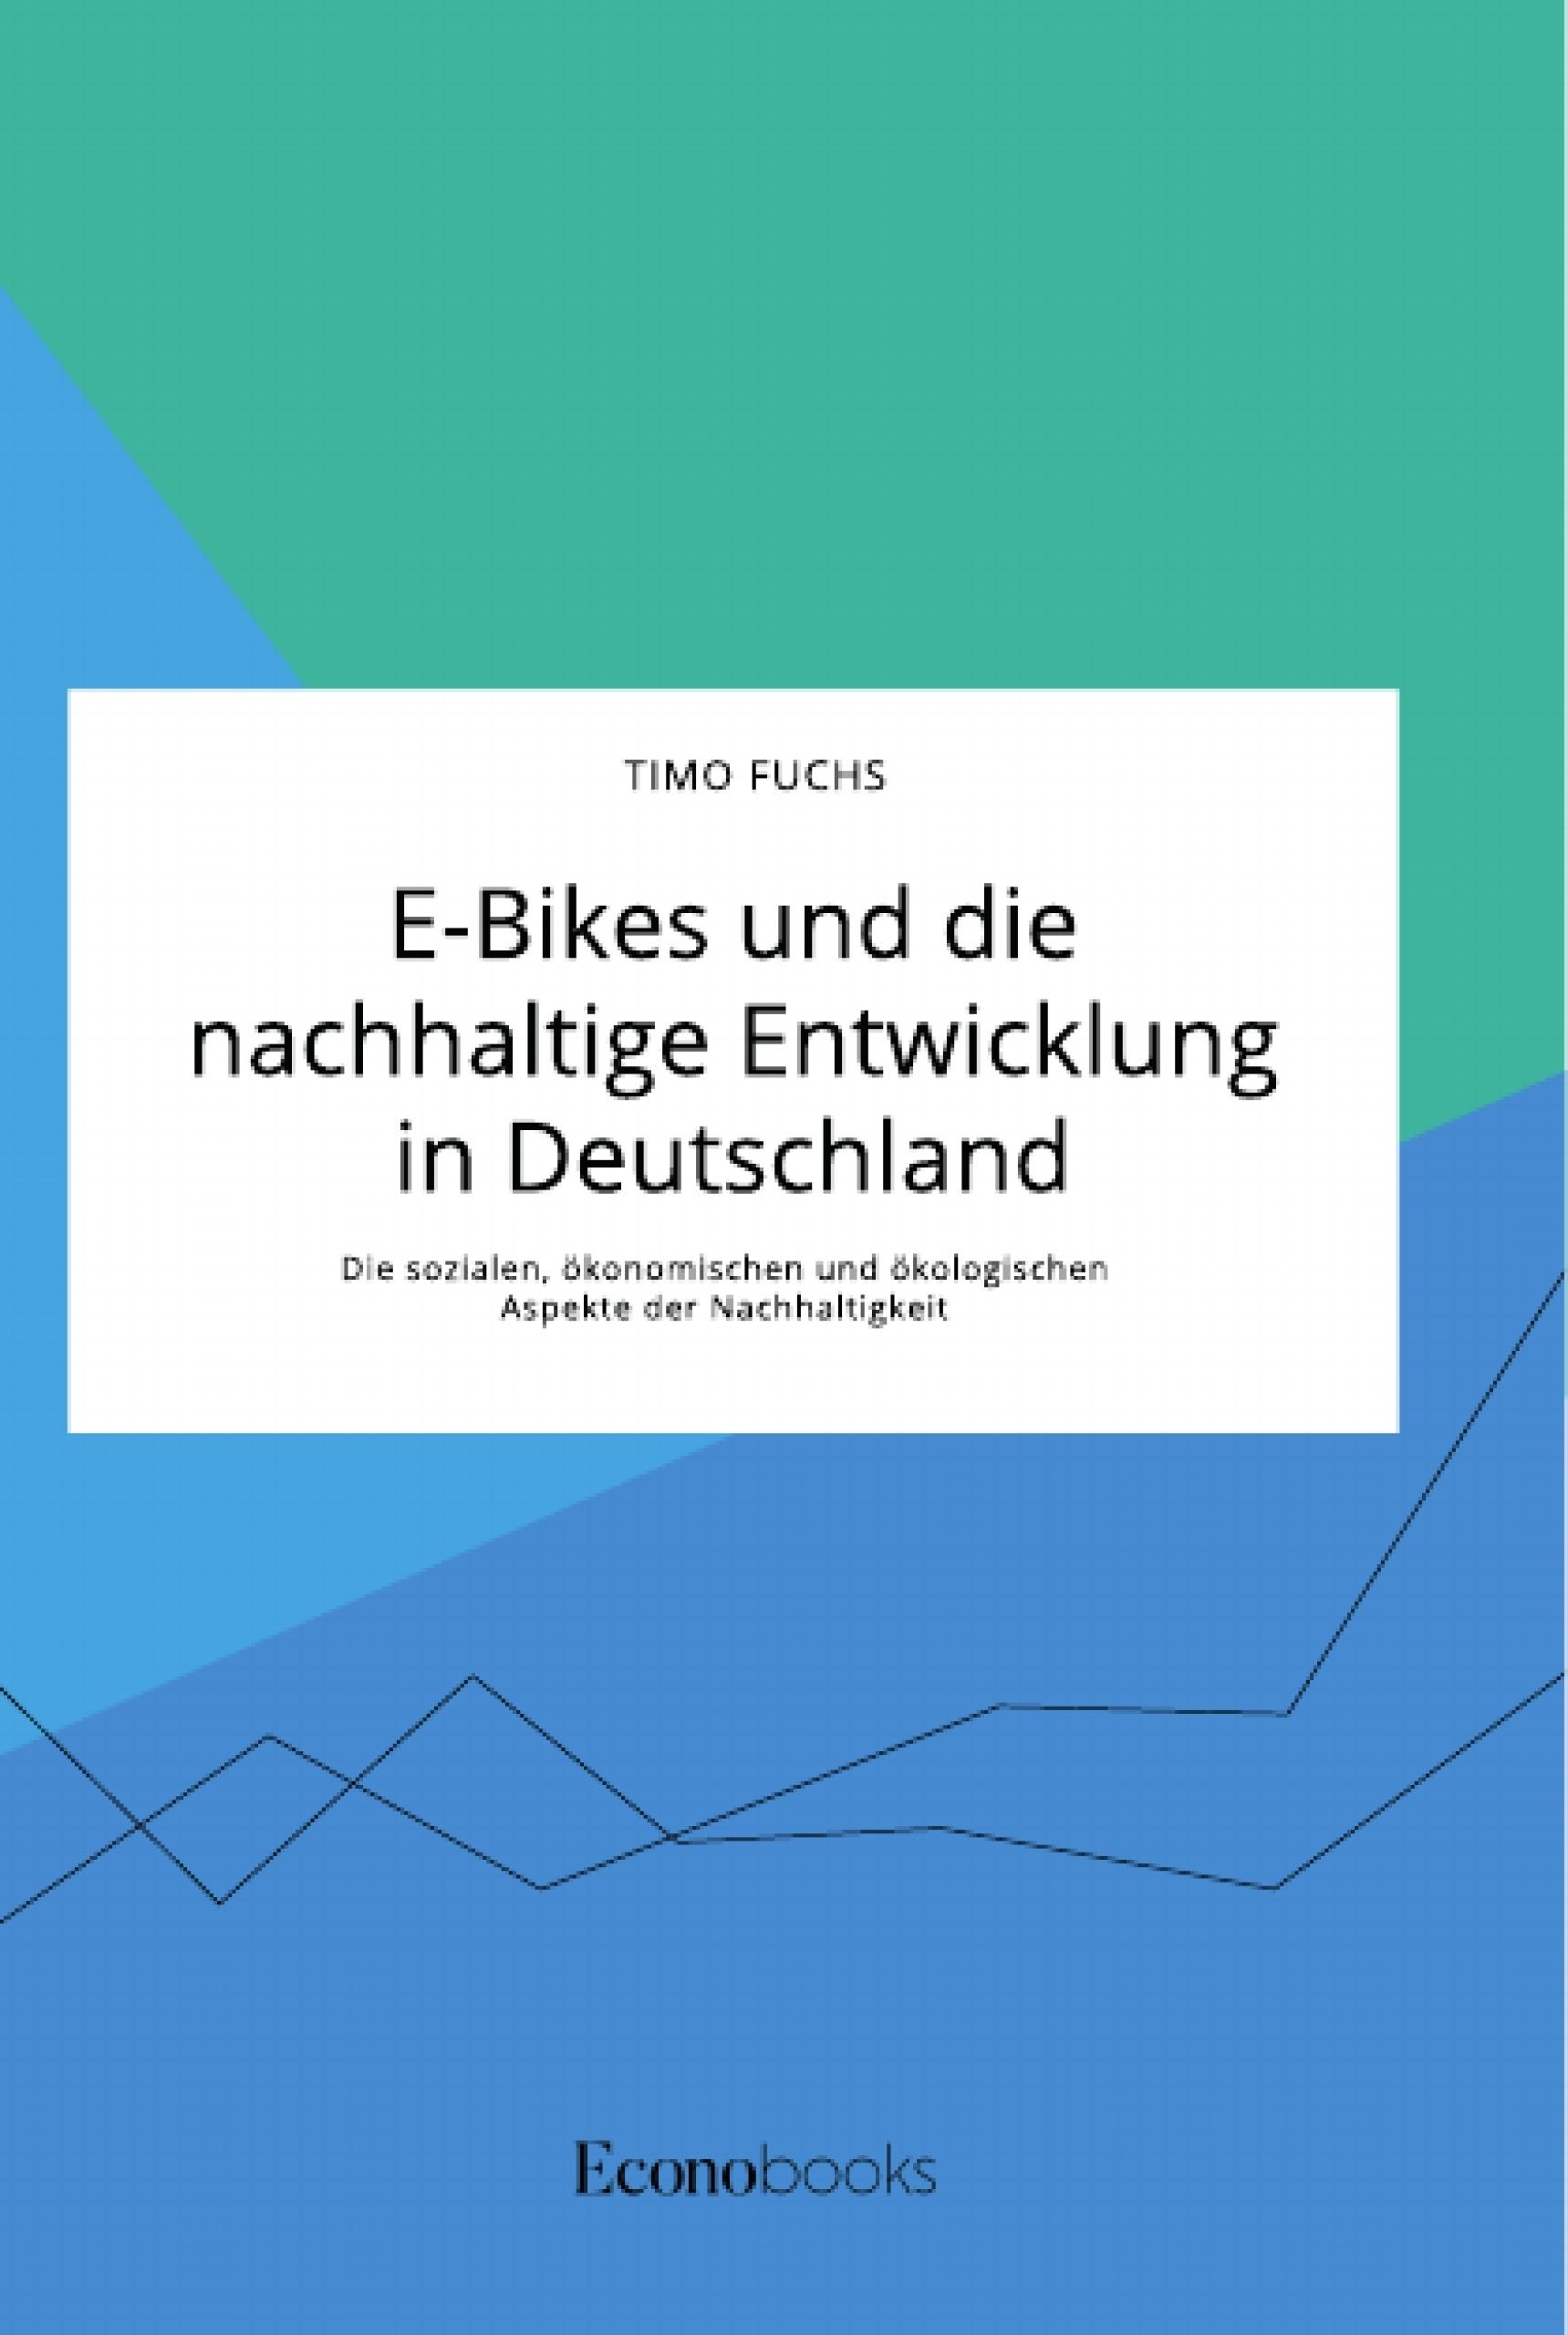 Titel: E-Bikes und die nachhaltige Entwicklung in Deutschland. Die sozialen, ökonomischen und ökologischen Aspekte der Nachhaltigkeit